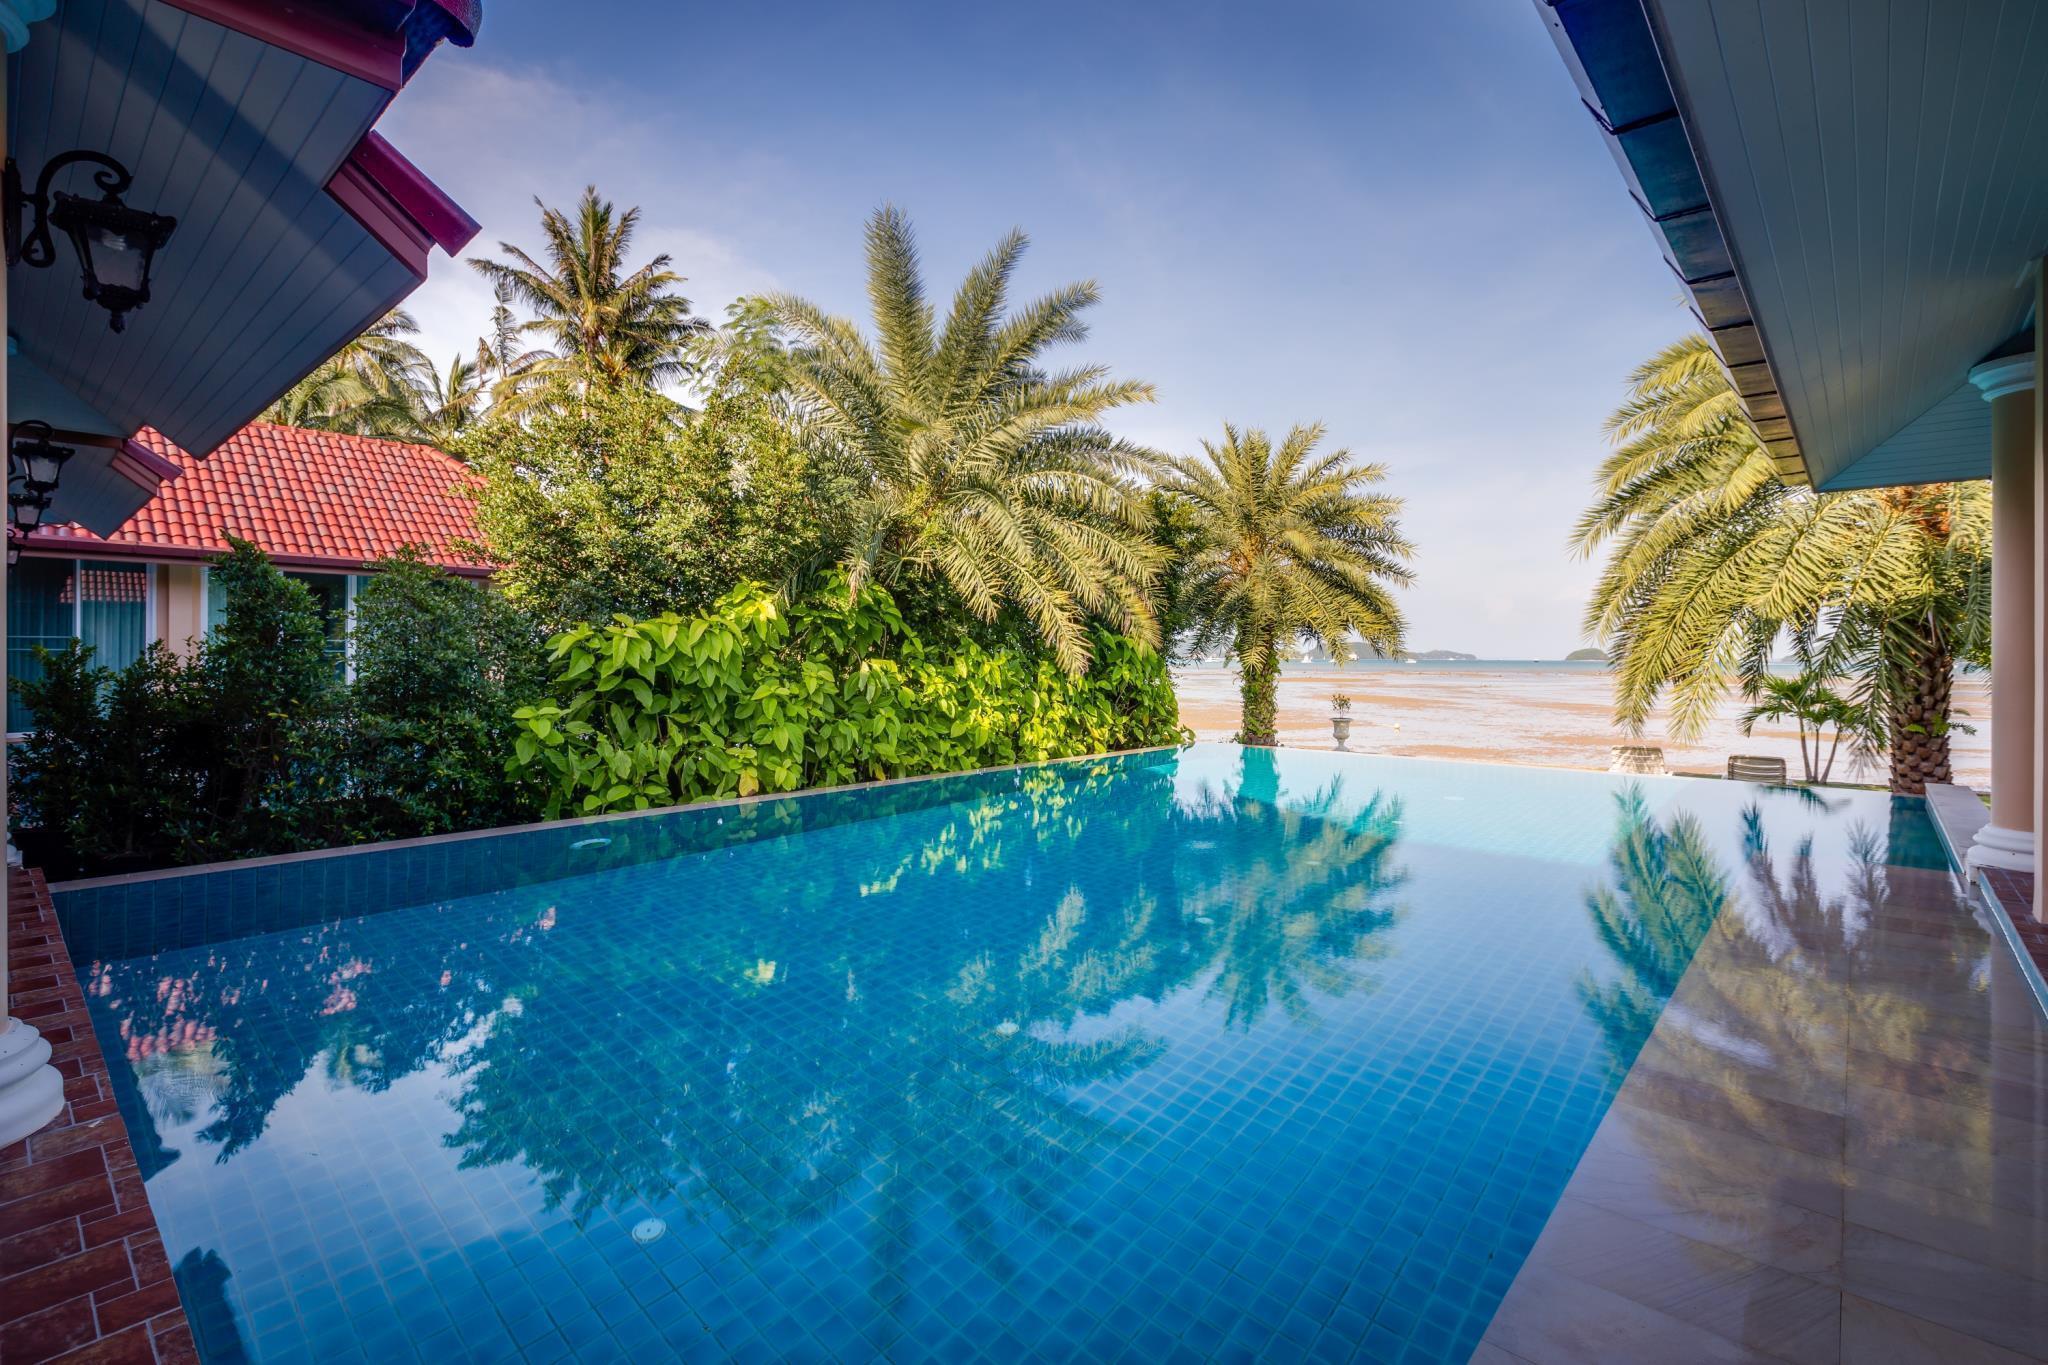 三别墅海滨别墅-带泳池(3-bedroombeachfrontvillawithpool)模拟人生欧式4卧室图片